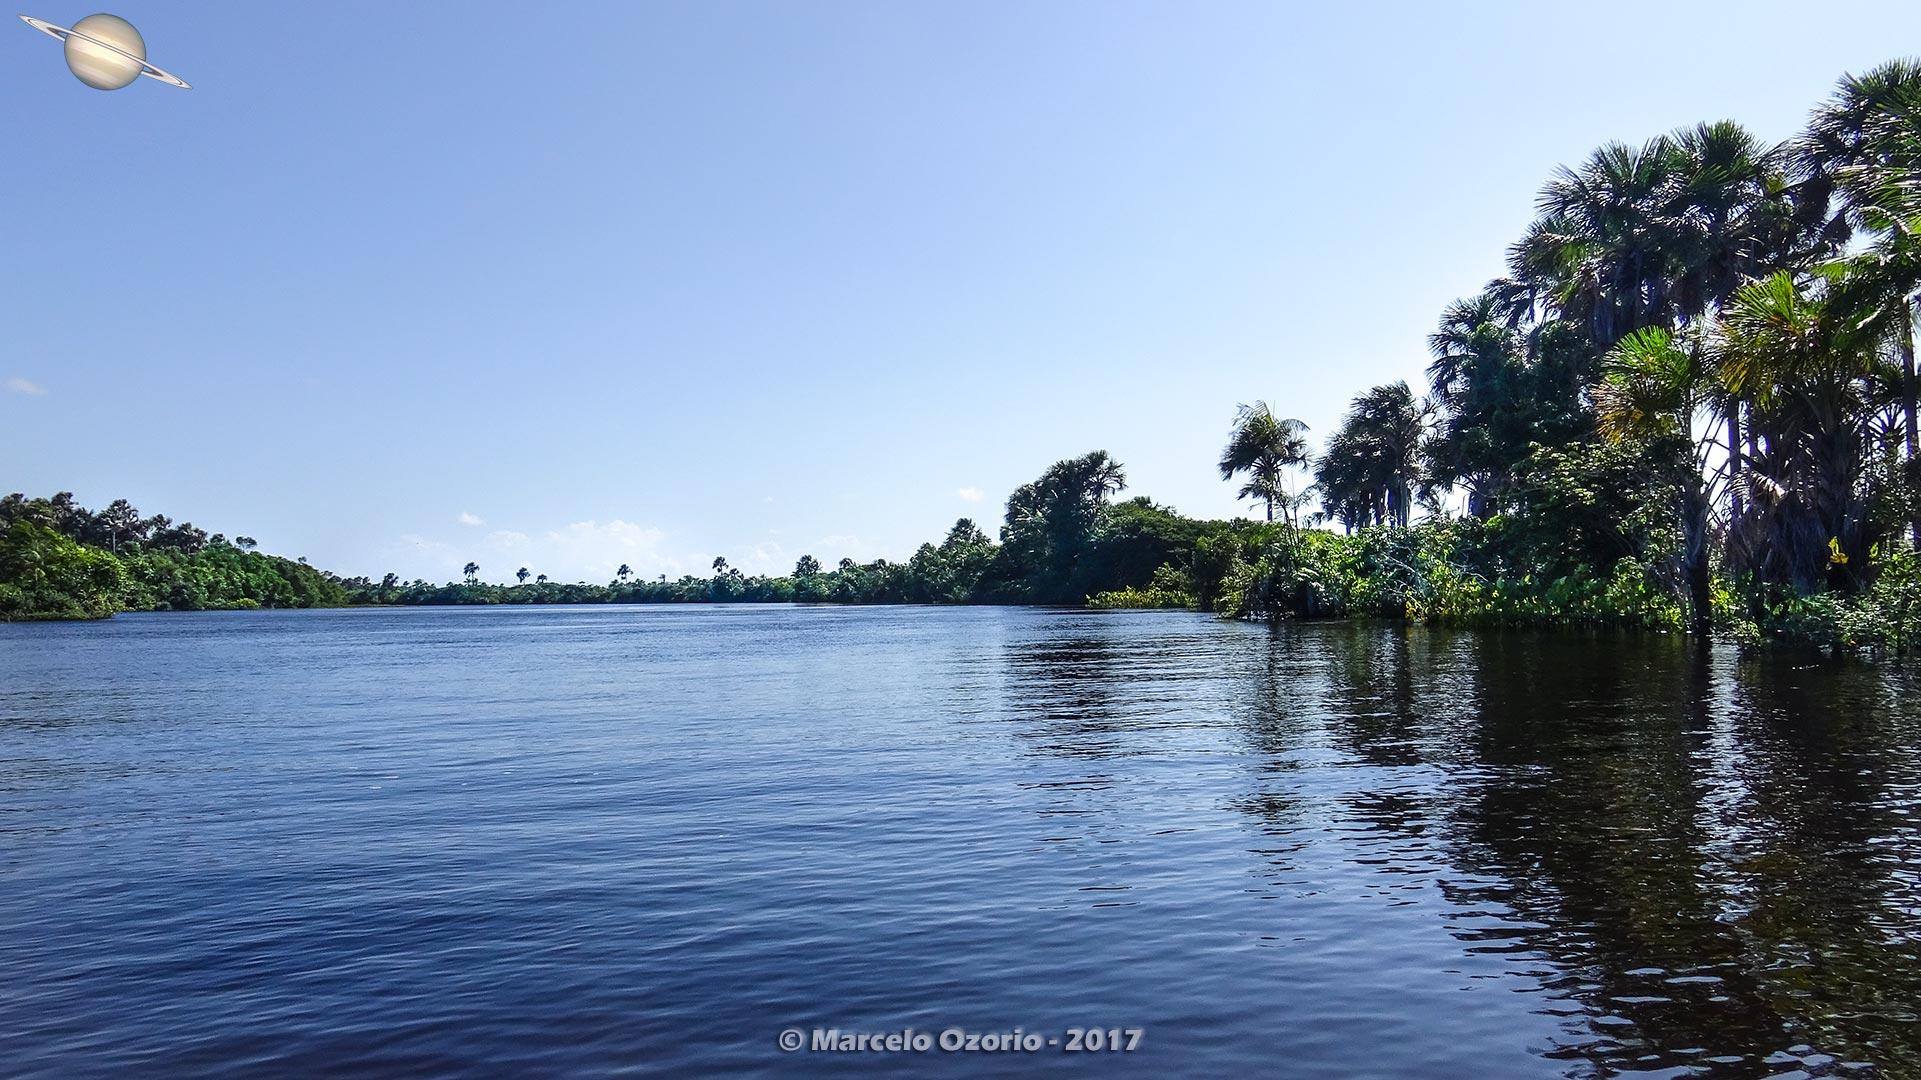 barreirinhas descendo rio preguicas atins 7 - Trekking at Lencois Maranhenses National Park - Maranhao - Brasil